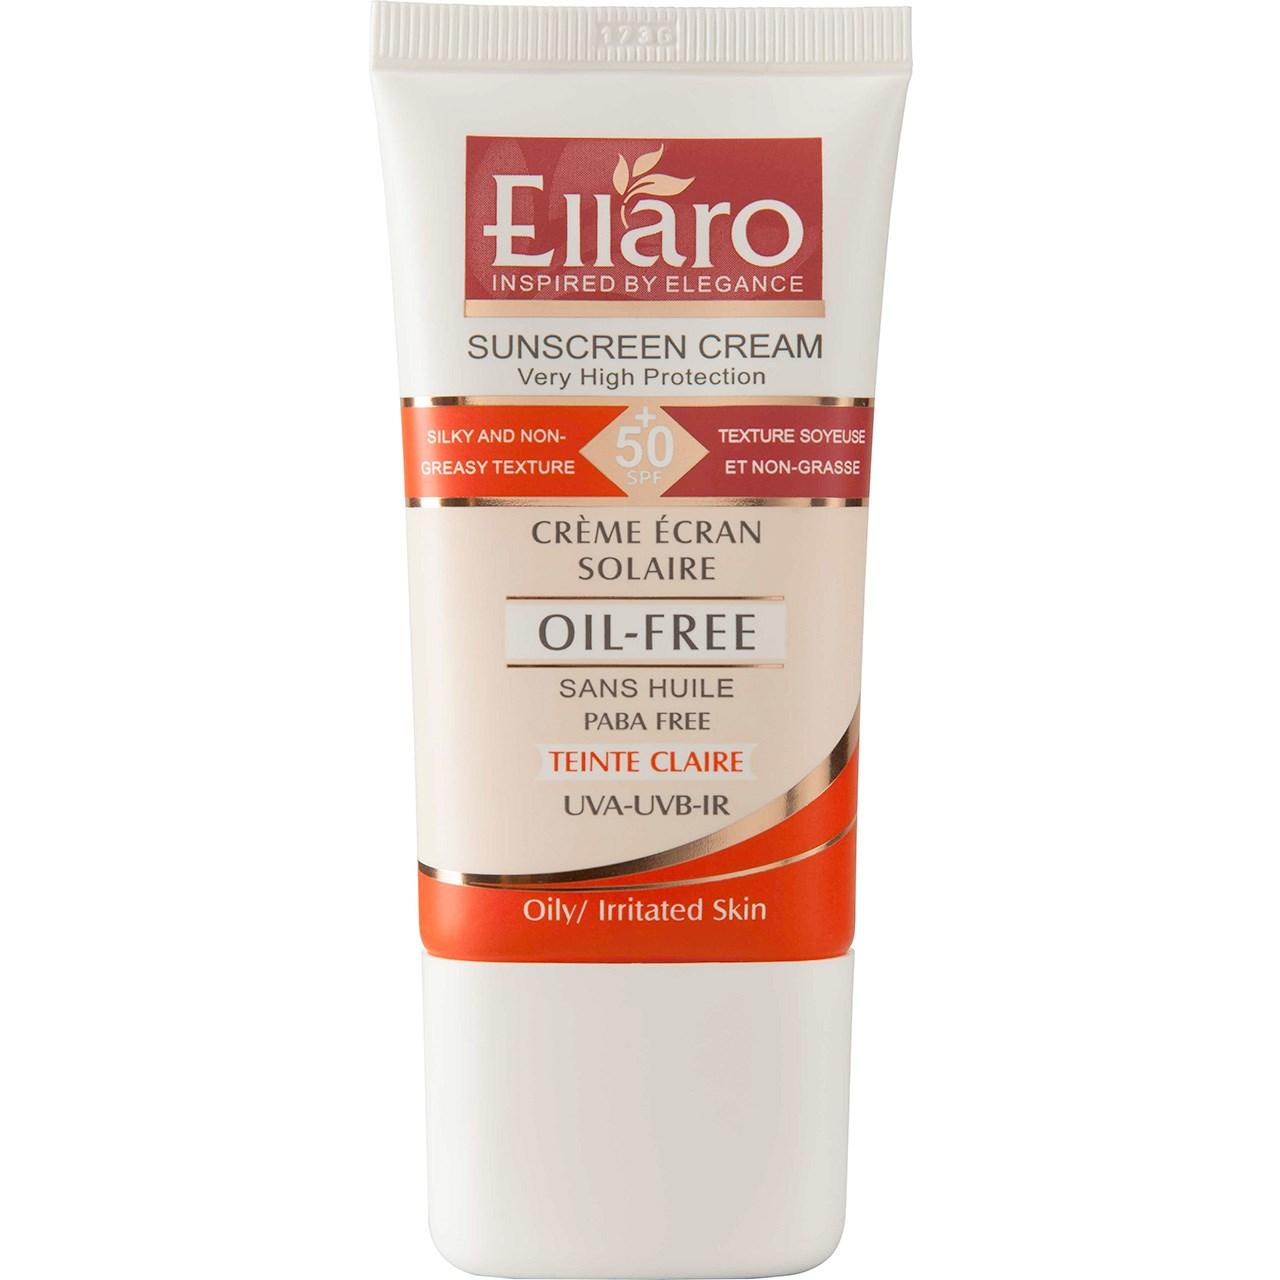 کرم ضدآفتاب بی رنگ الارو SPF50 مناسب برای انواع پوست حجم ۵۰ میلی لیتر